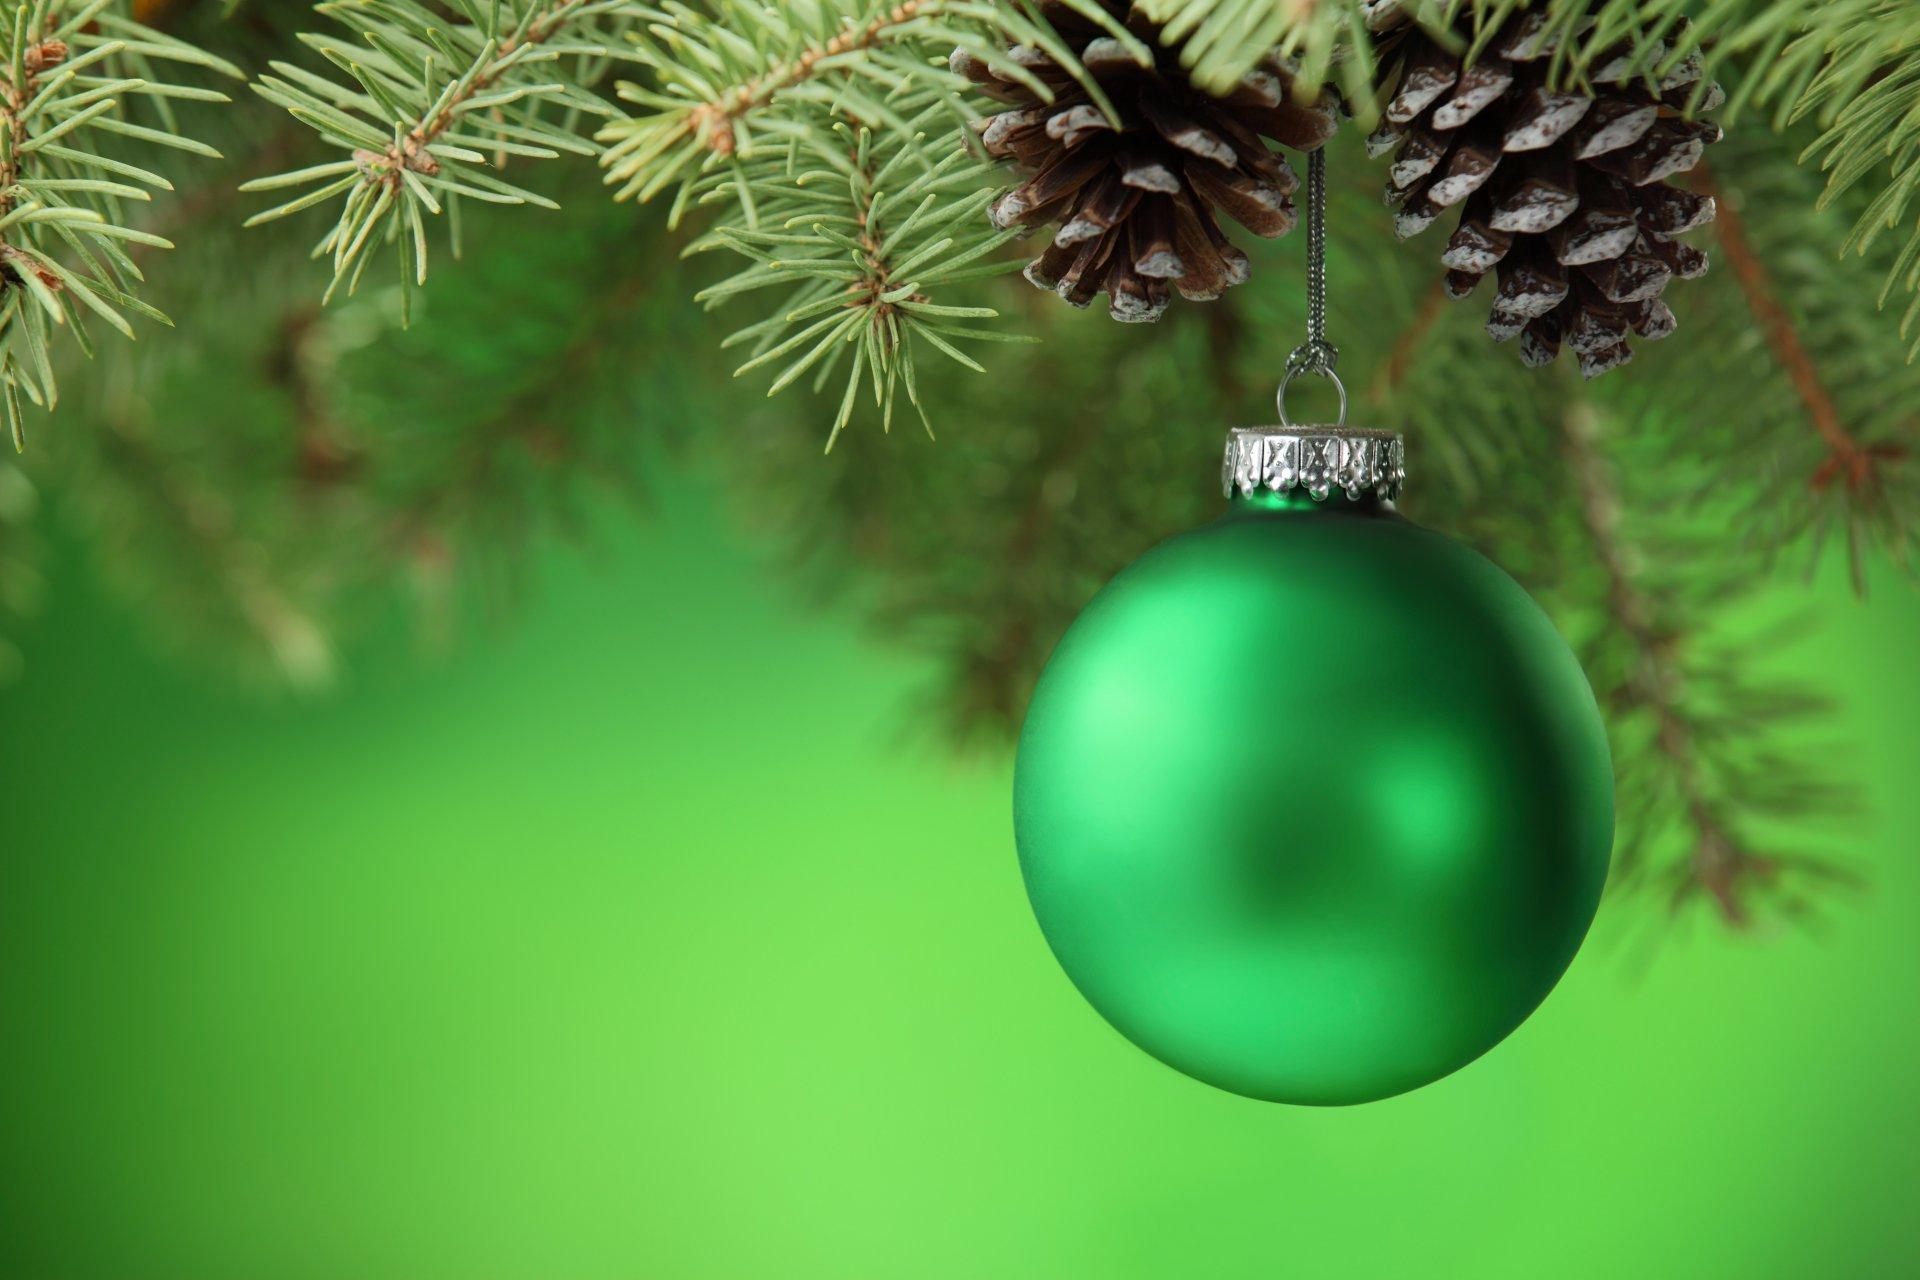 Открытки с новым годом с елкой и шариками, винкс